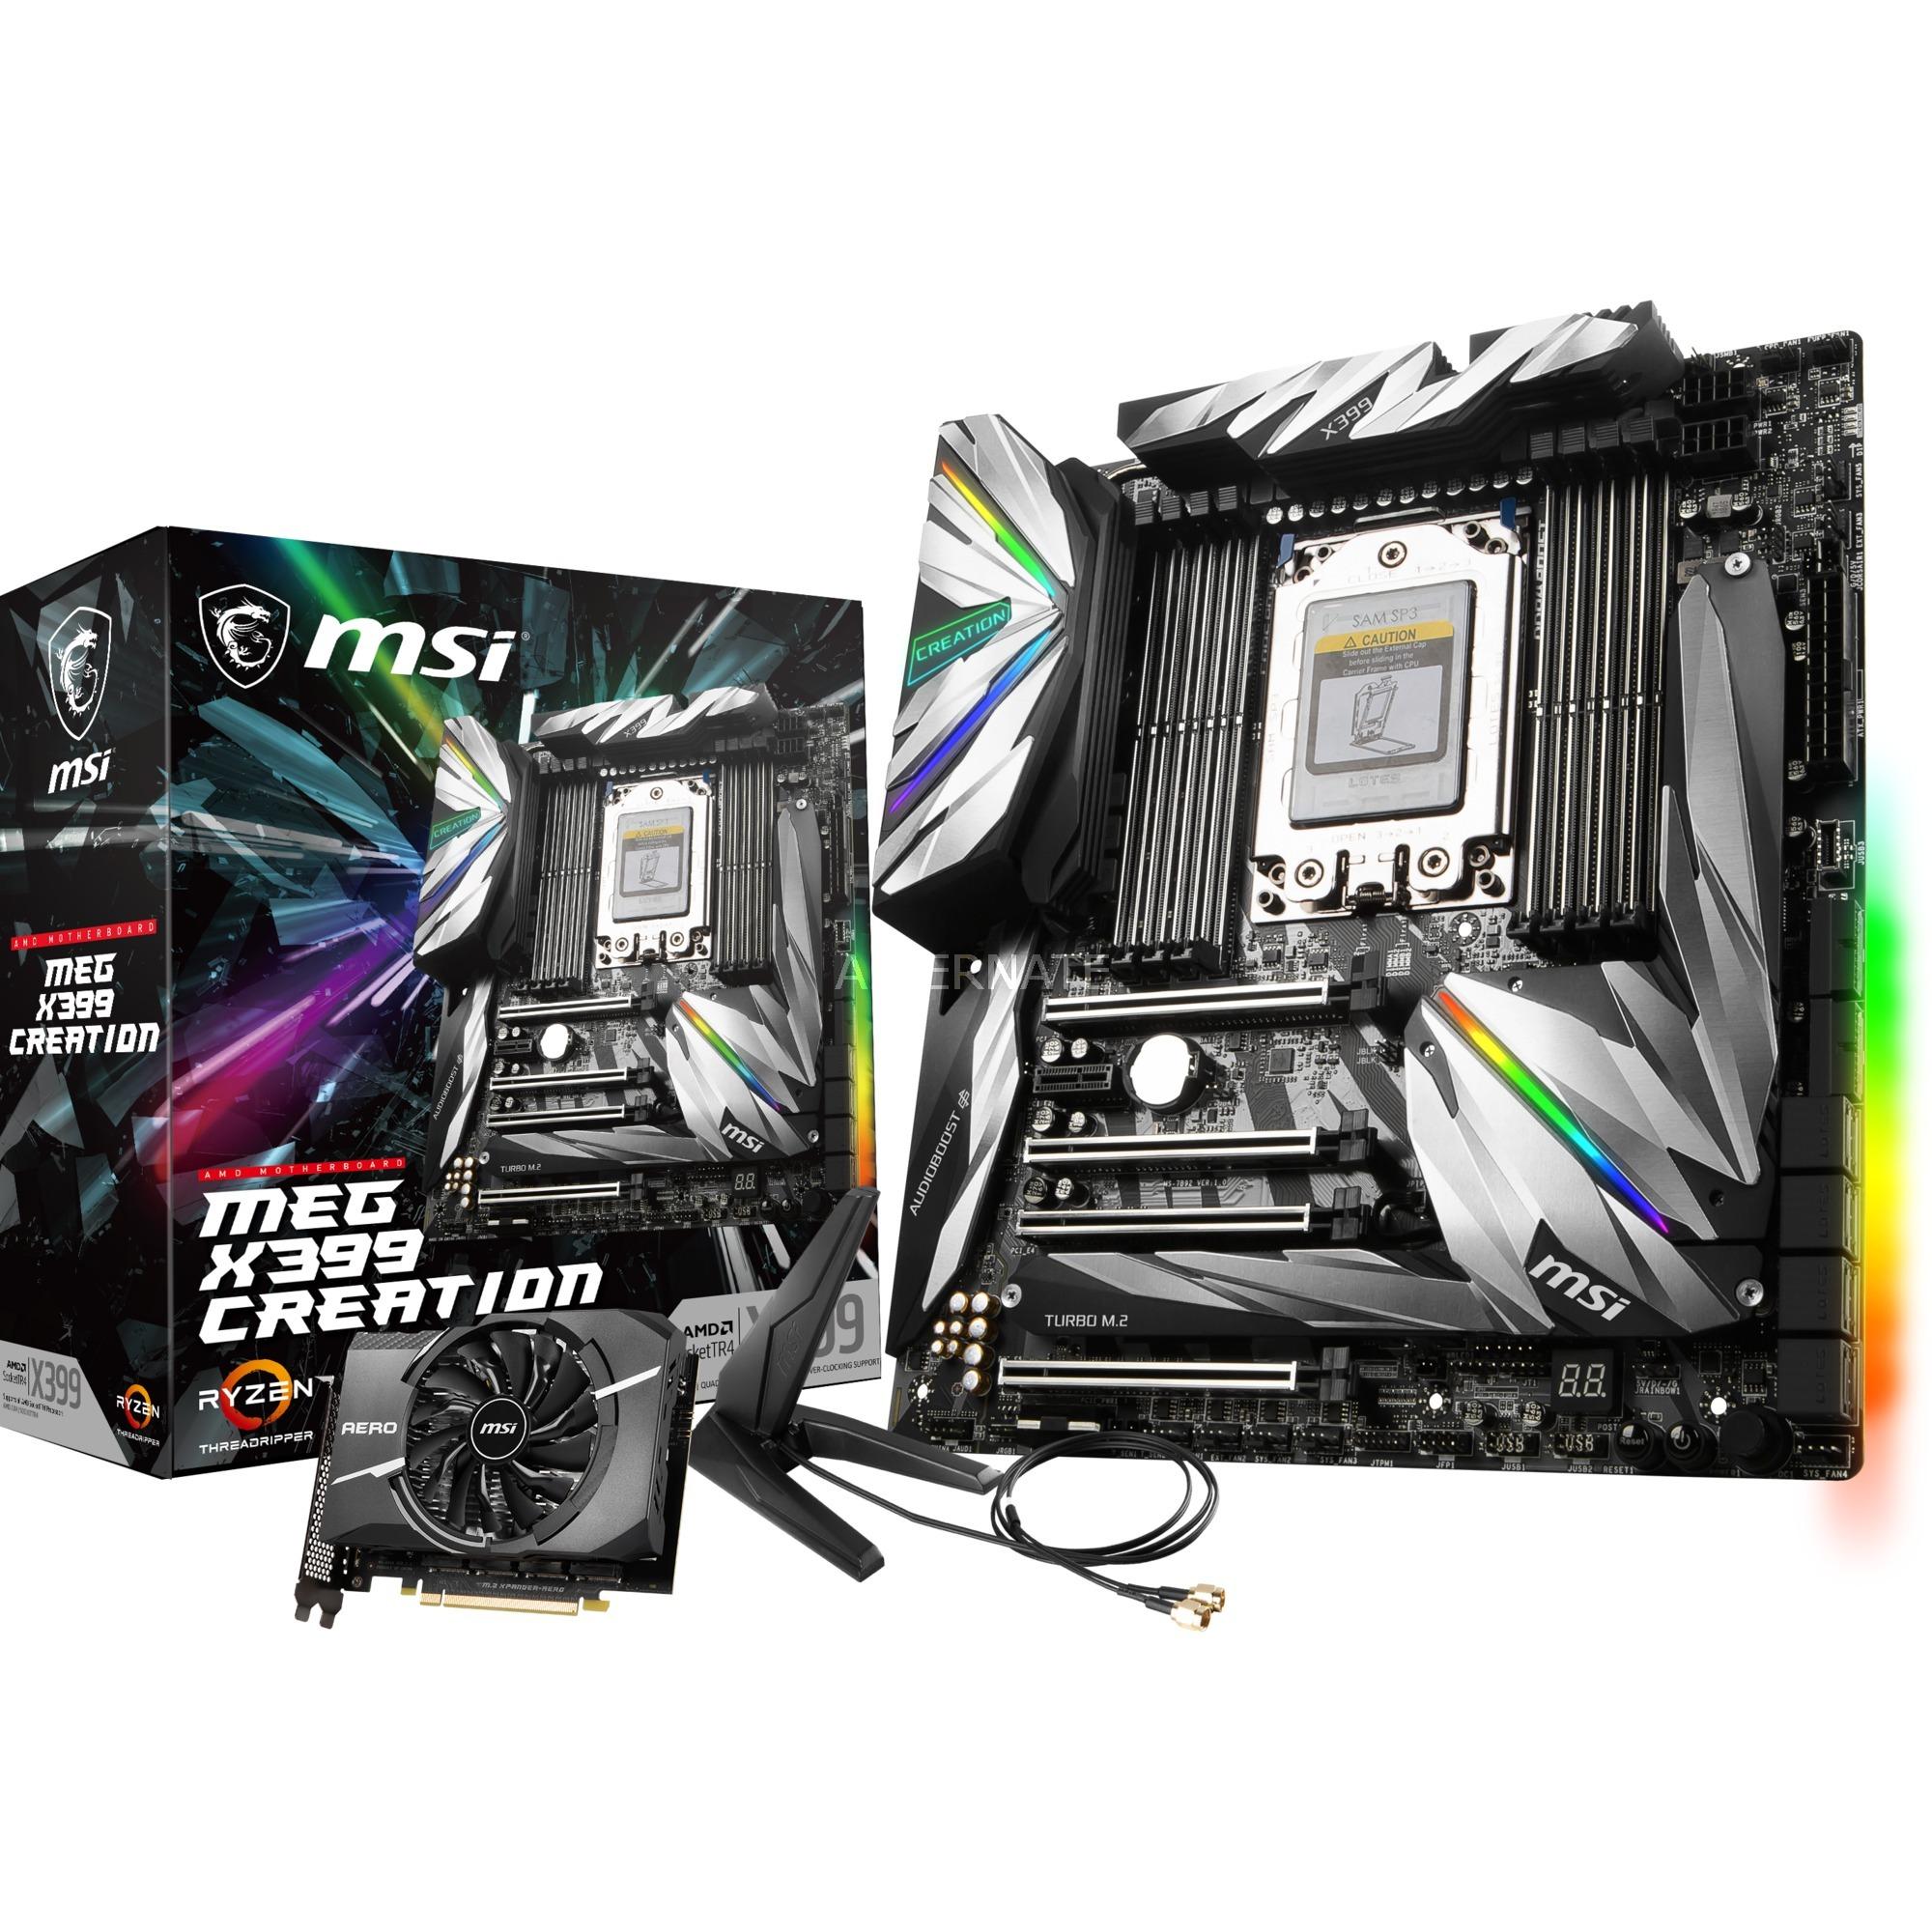 MEG X399 CREATION Socket TR4 AMD X399 ATX extendida, Placa base